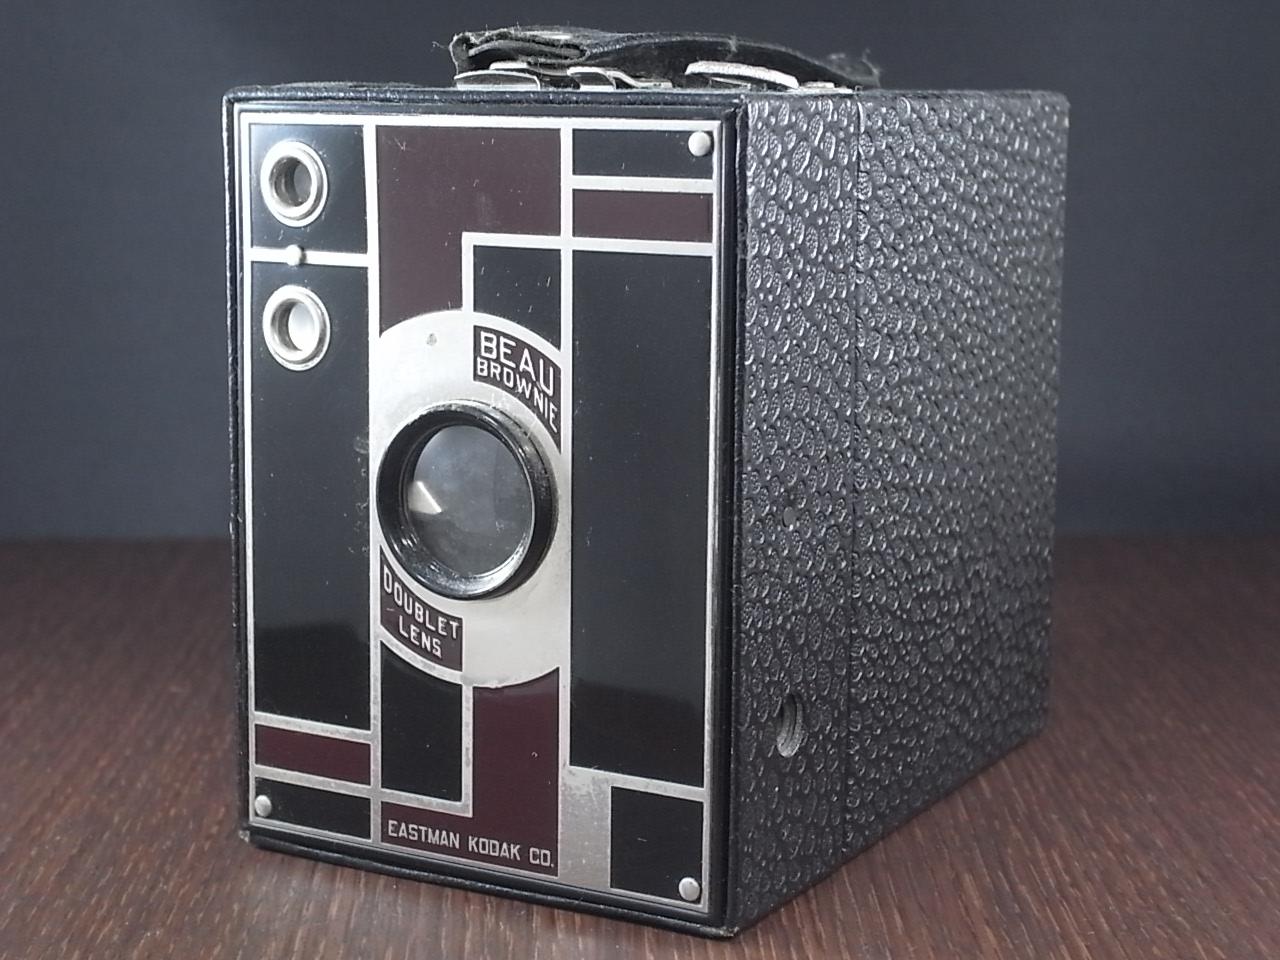 コダック No.2 ブローニー アールデコカメラ ブラックのメイン写真